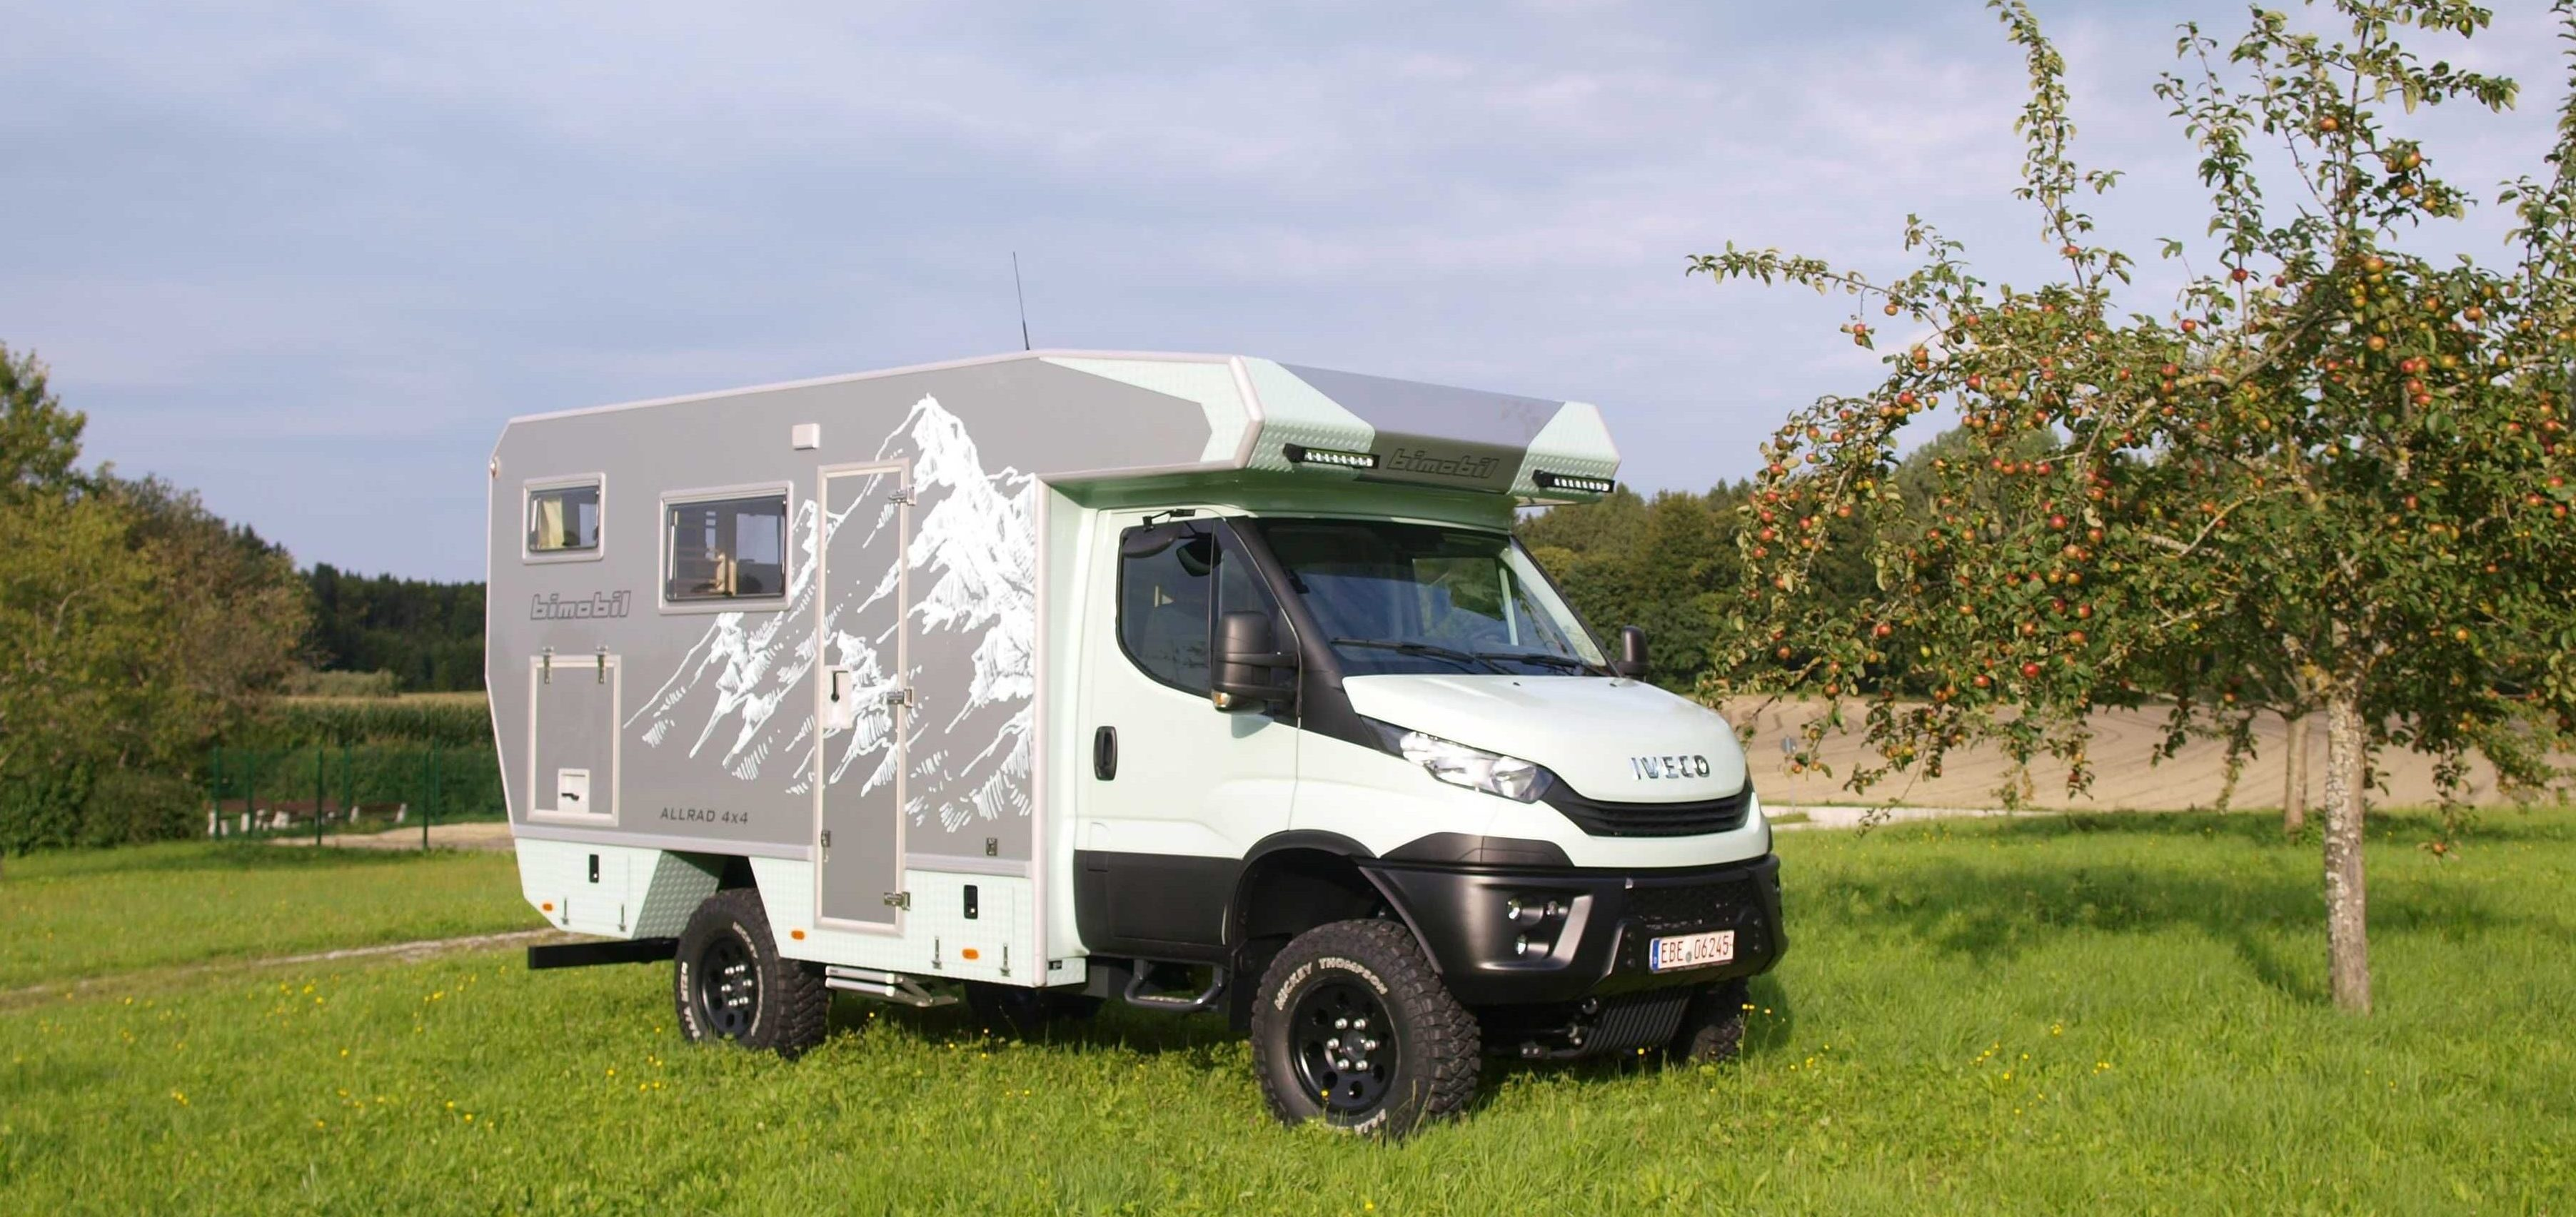 Expedition vehicles | bimobil von Liebe GmbH